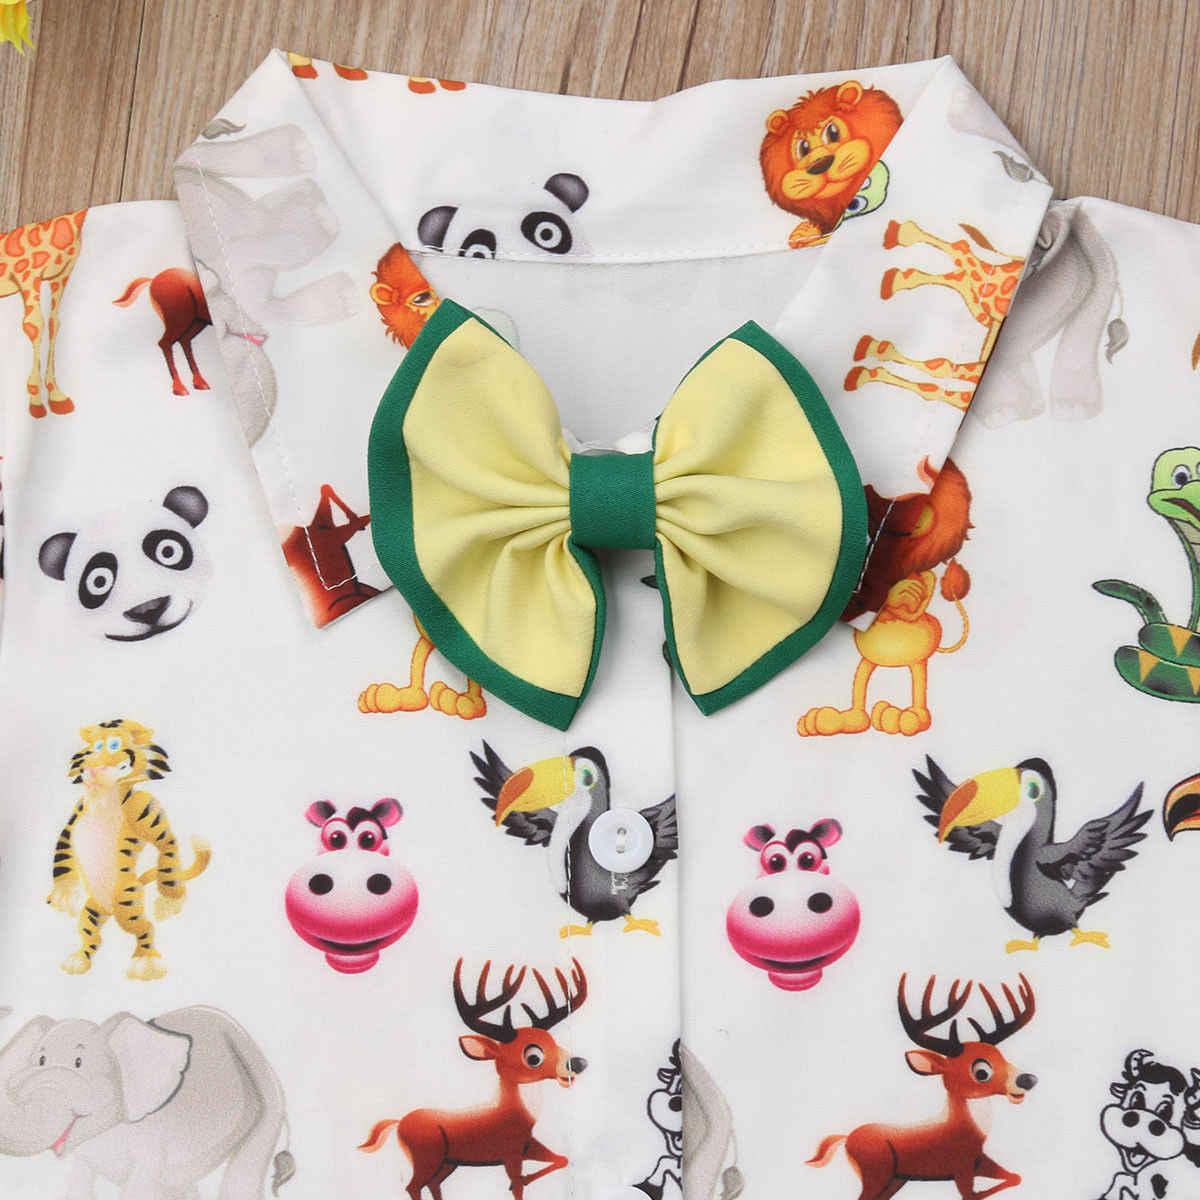 2019 Emmababy для маленьких мальчиков Свадебные крещение смокинг костюм мультфильм животных футболка с бабочкой зеленые шорты на подтяжках комбинезон одежды снаряжение